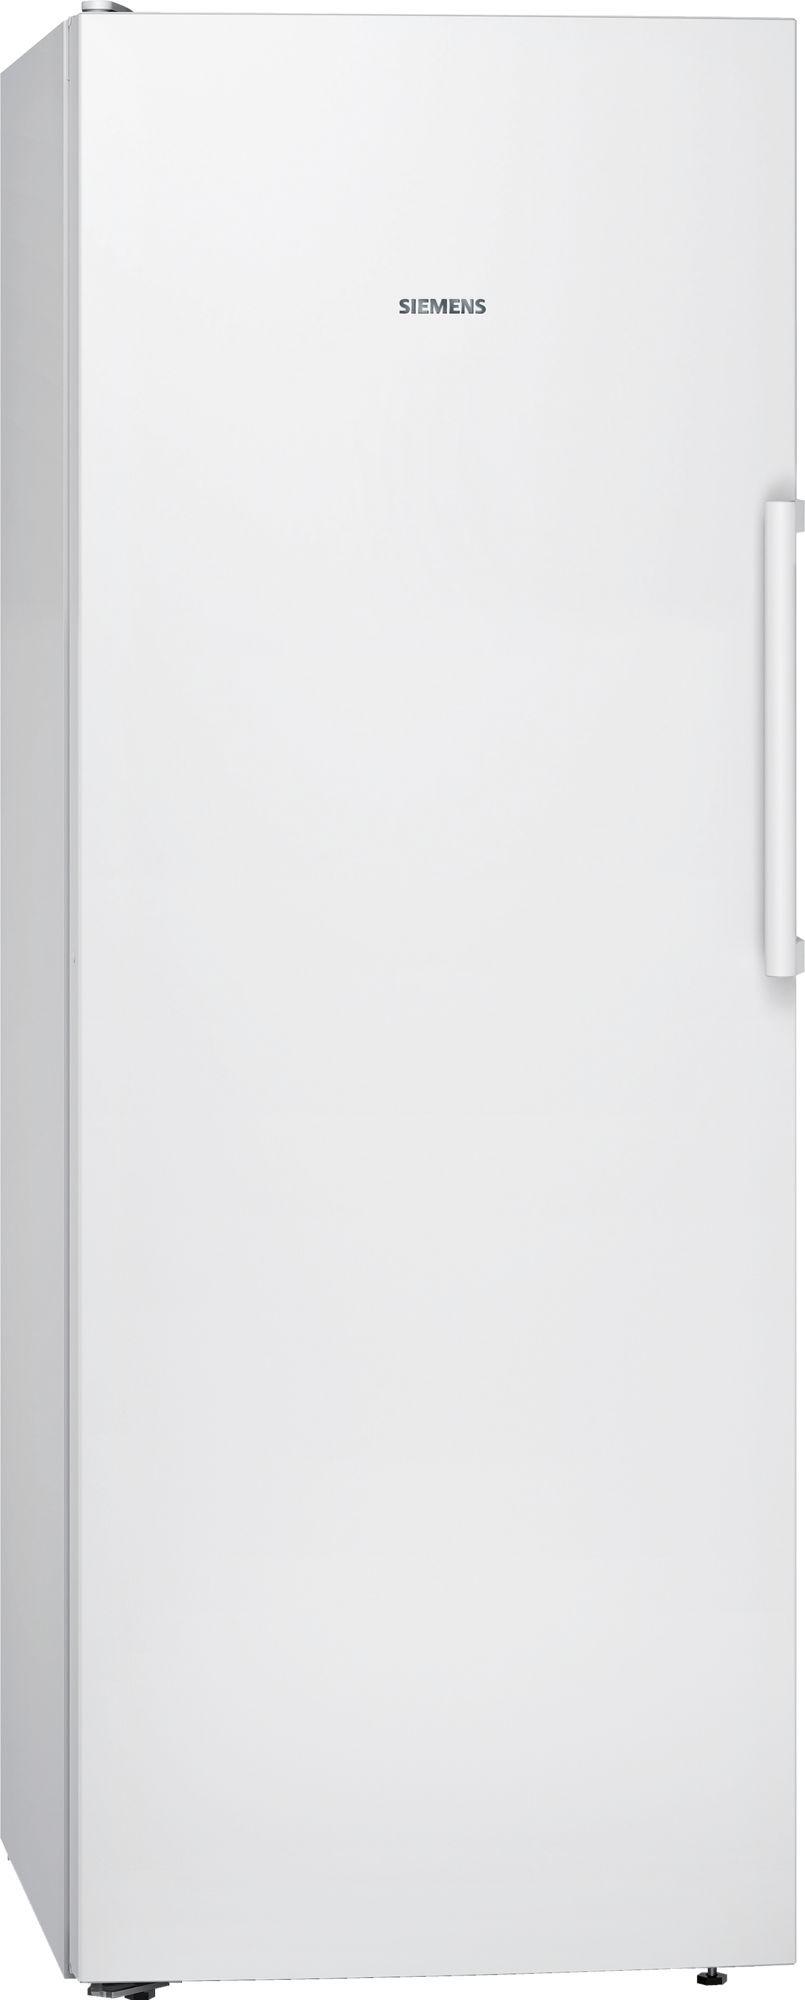 Siemens koelkast zonder vriesvak KS29VVW3P - Prijsvergelijk